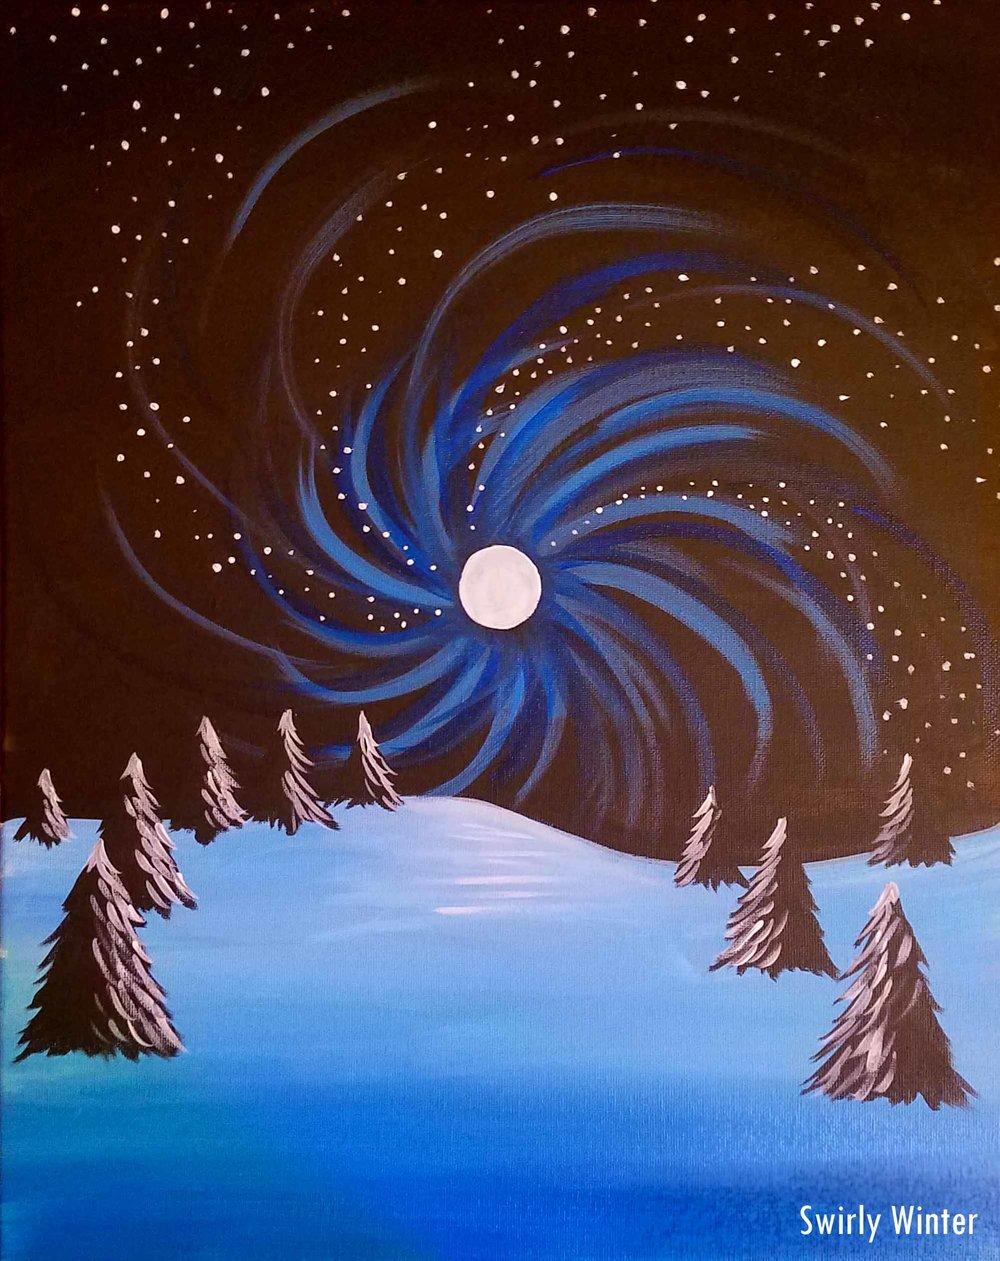 Swirly Winter.jpg